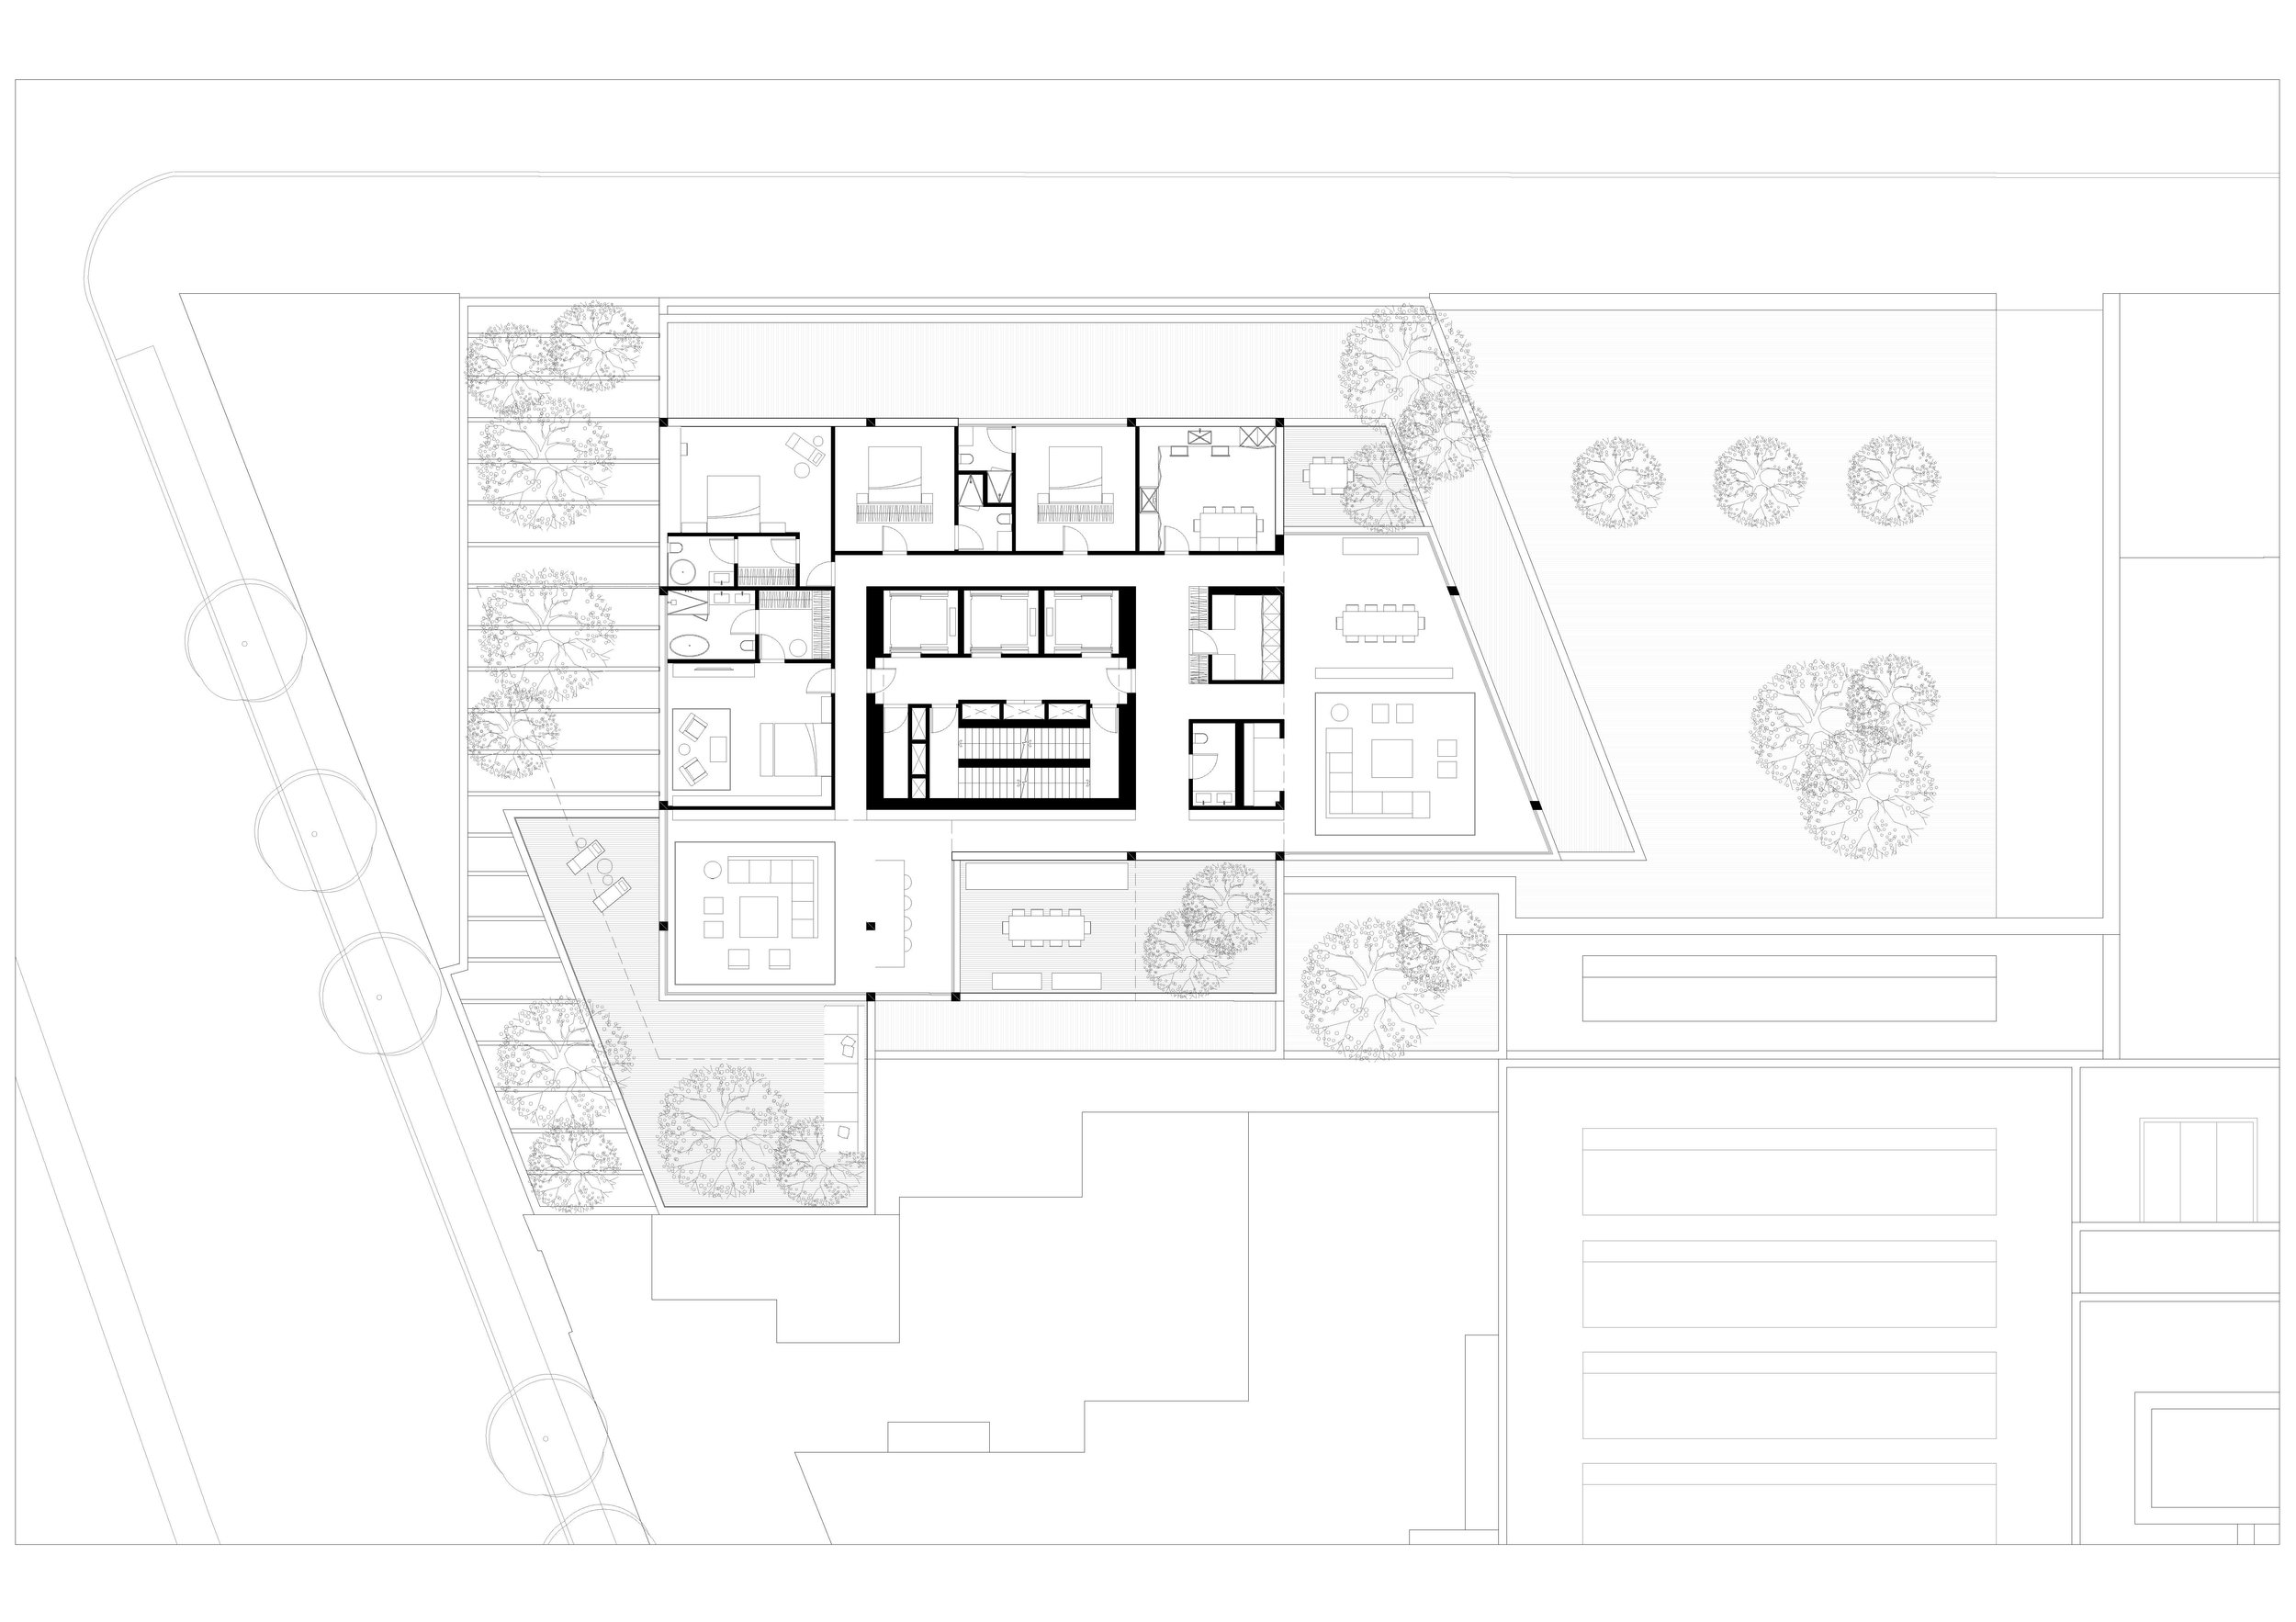 NW-planunit18-rev01-furniture+hatch.jpg